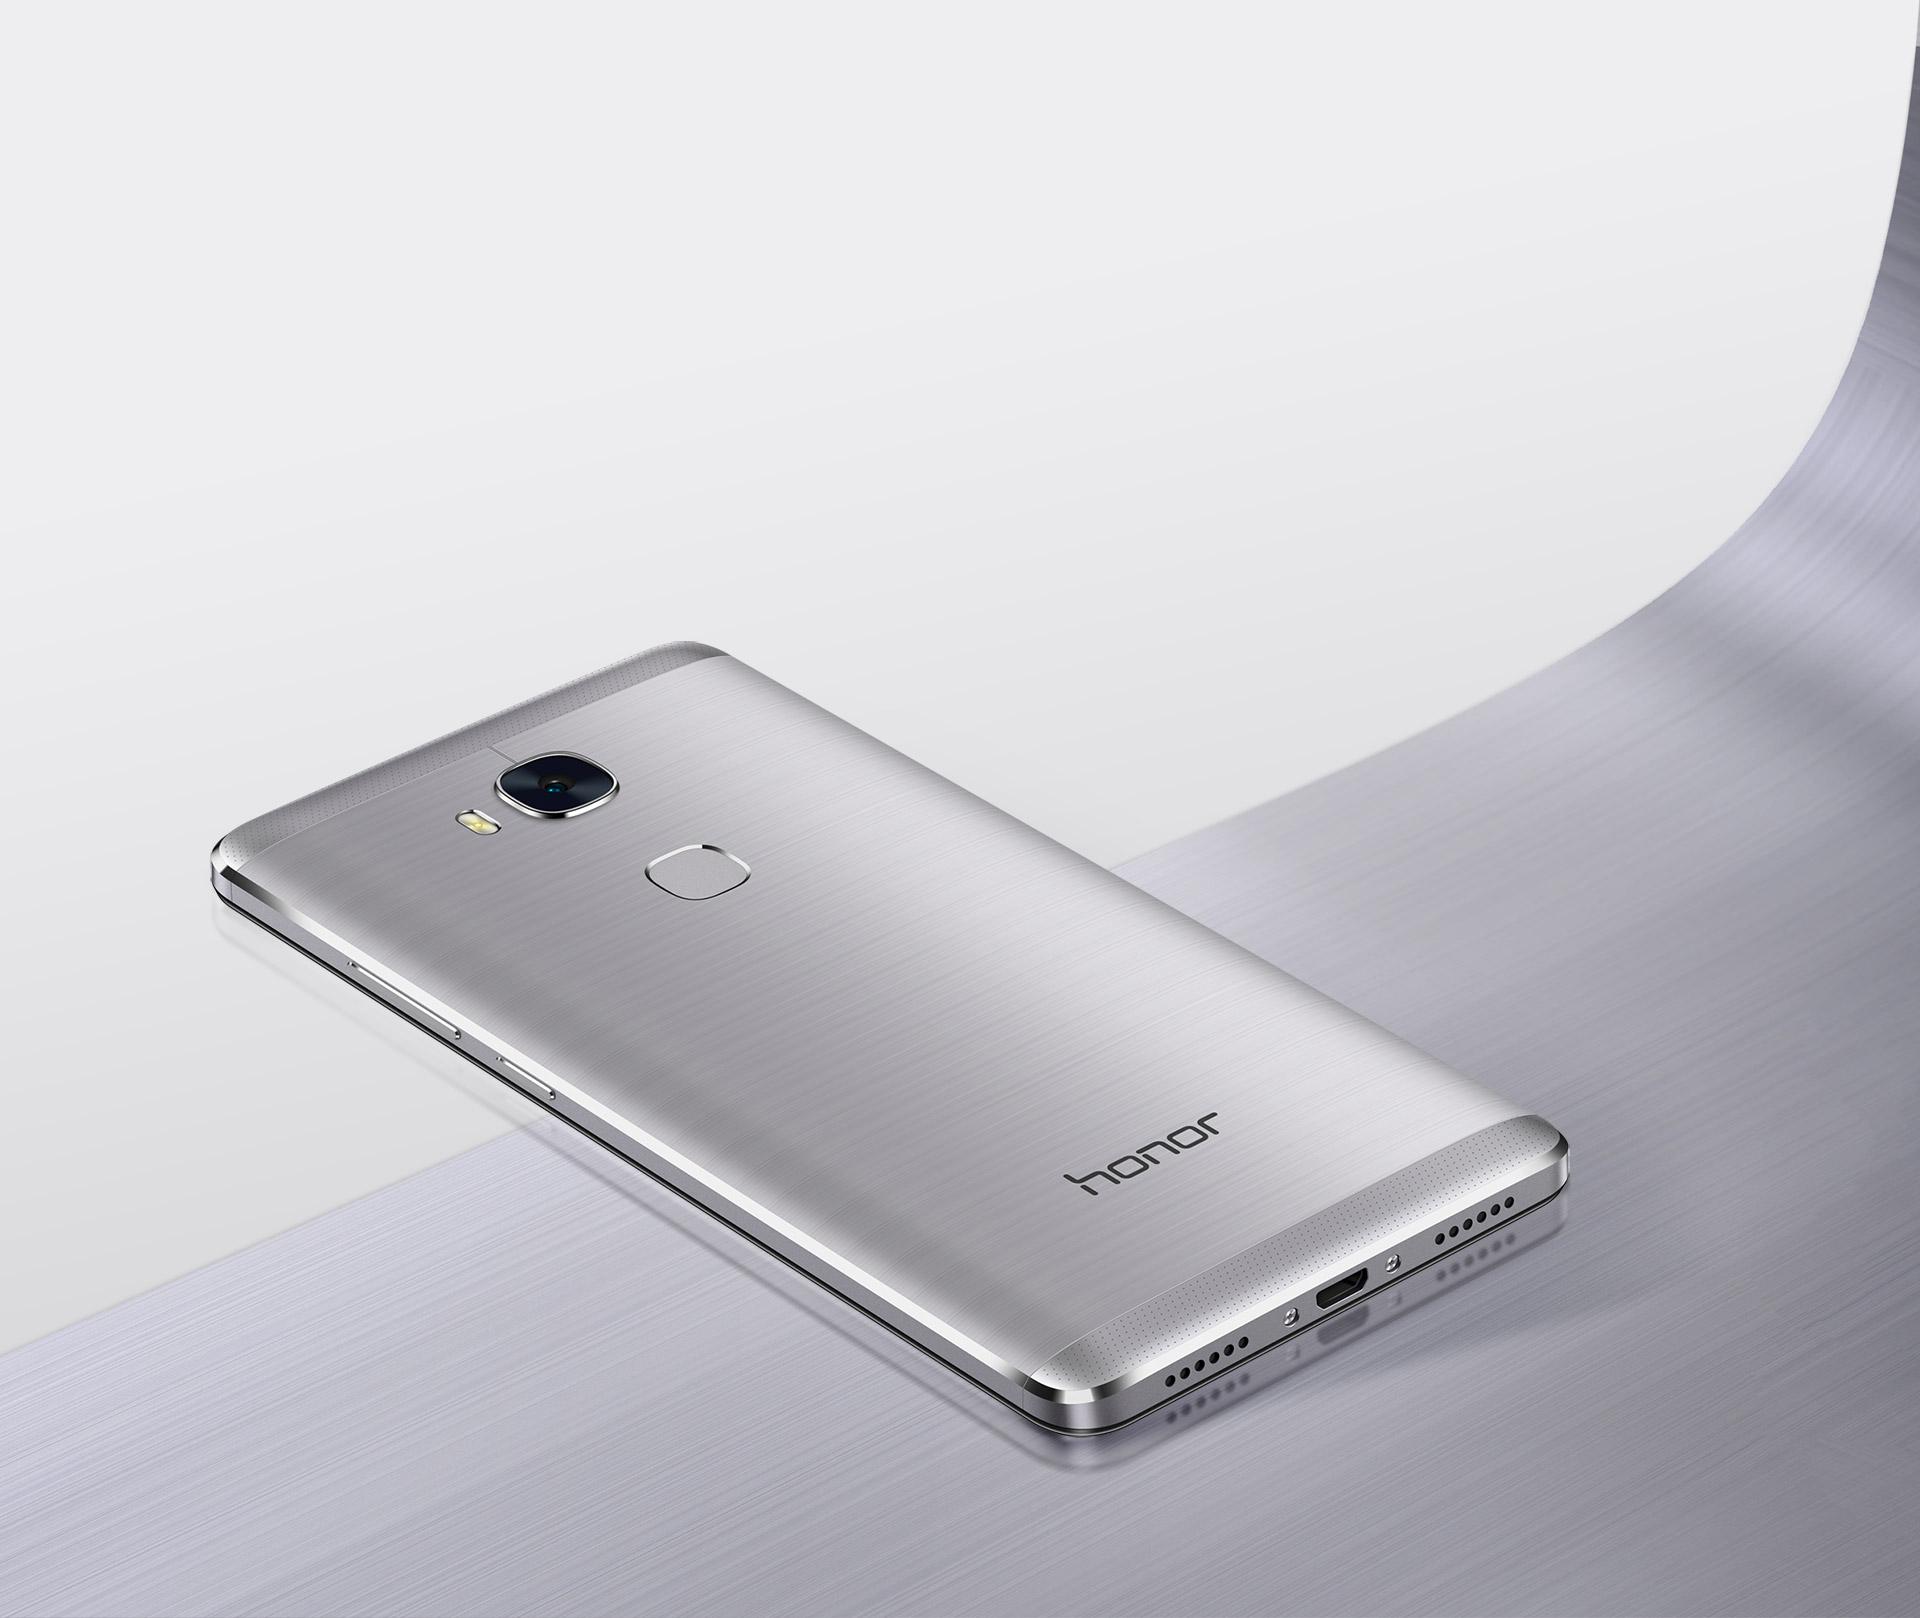 Nádherné zpracování z jednoho kusu hliníku, zakonečené čtečkou otisku prstů, Huawei Honor 5X je prémiovým smartphonem s Androidem.